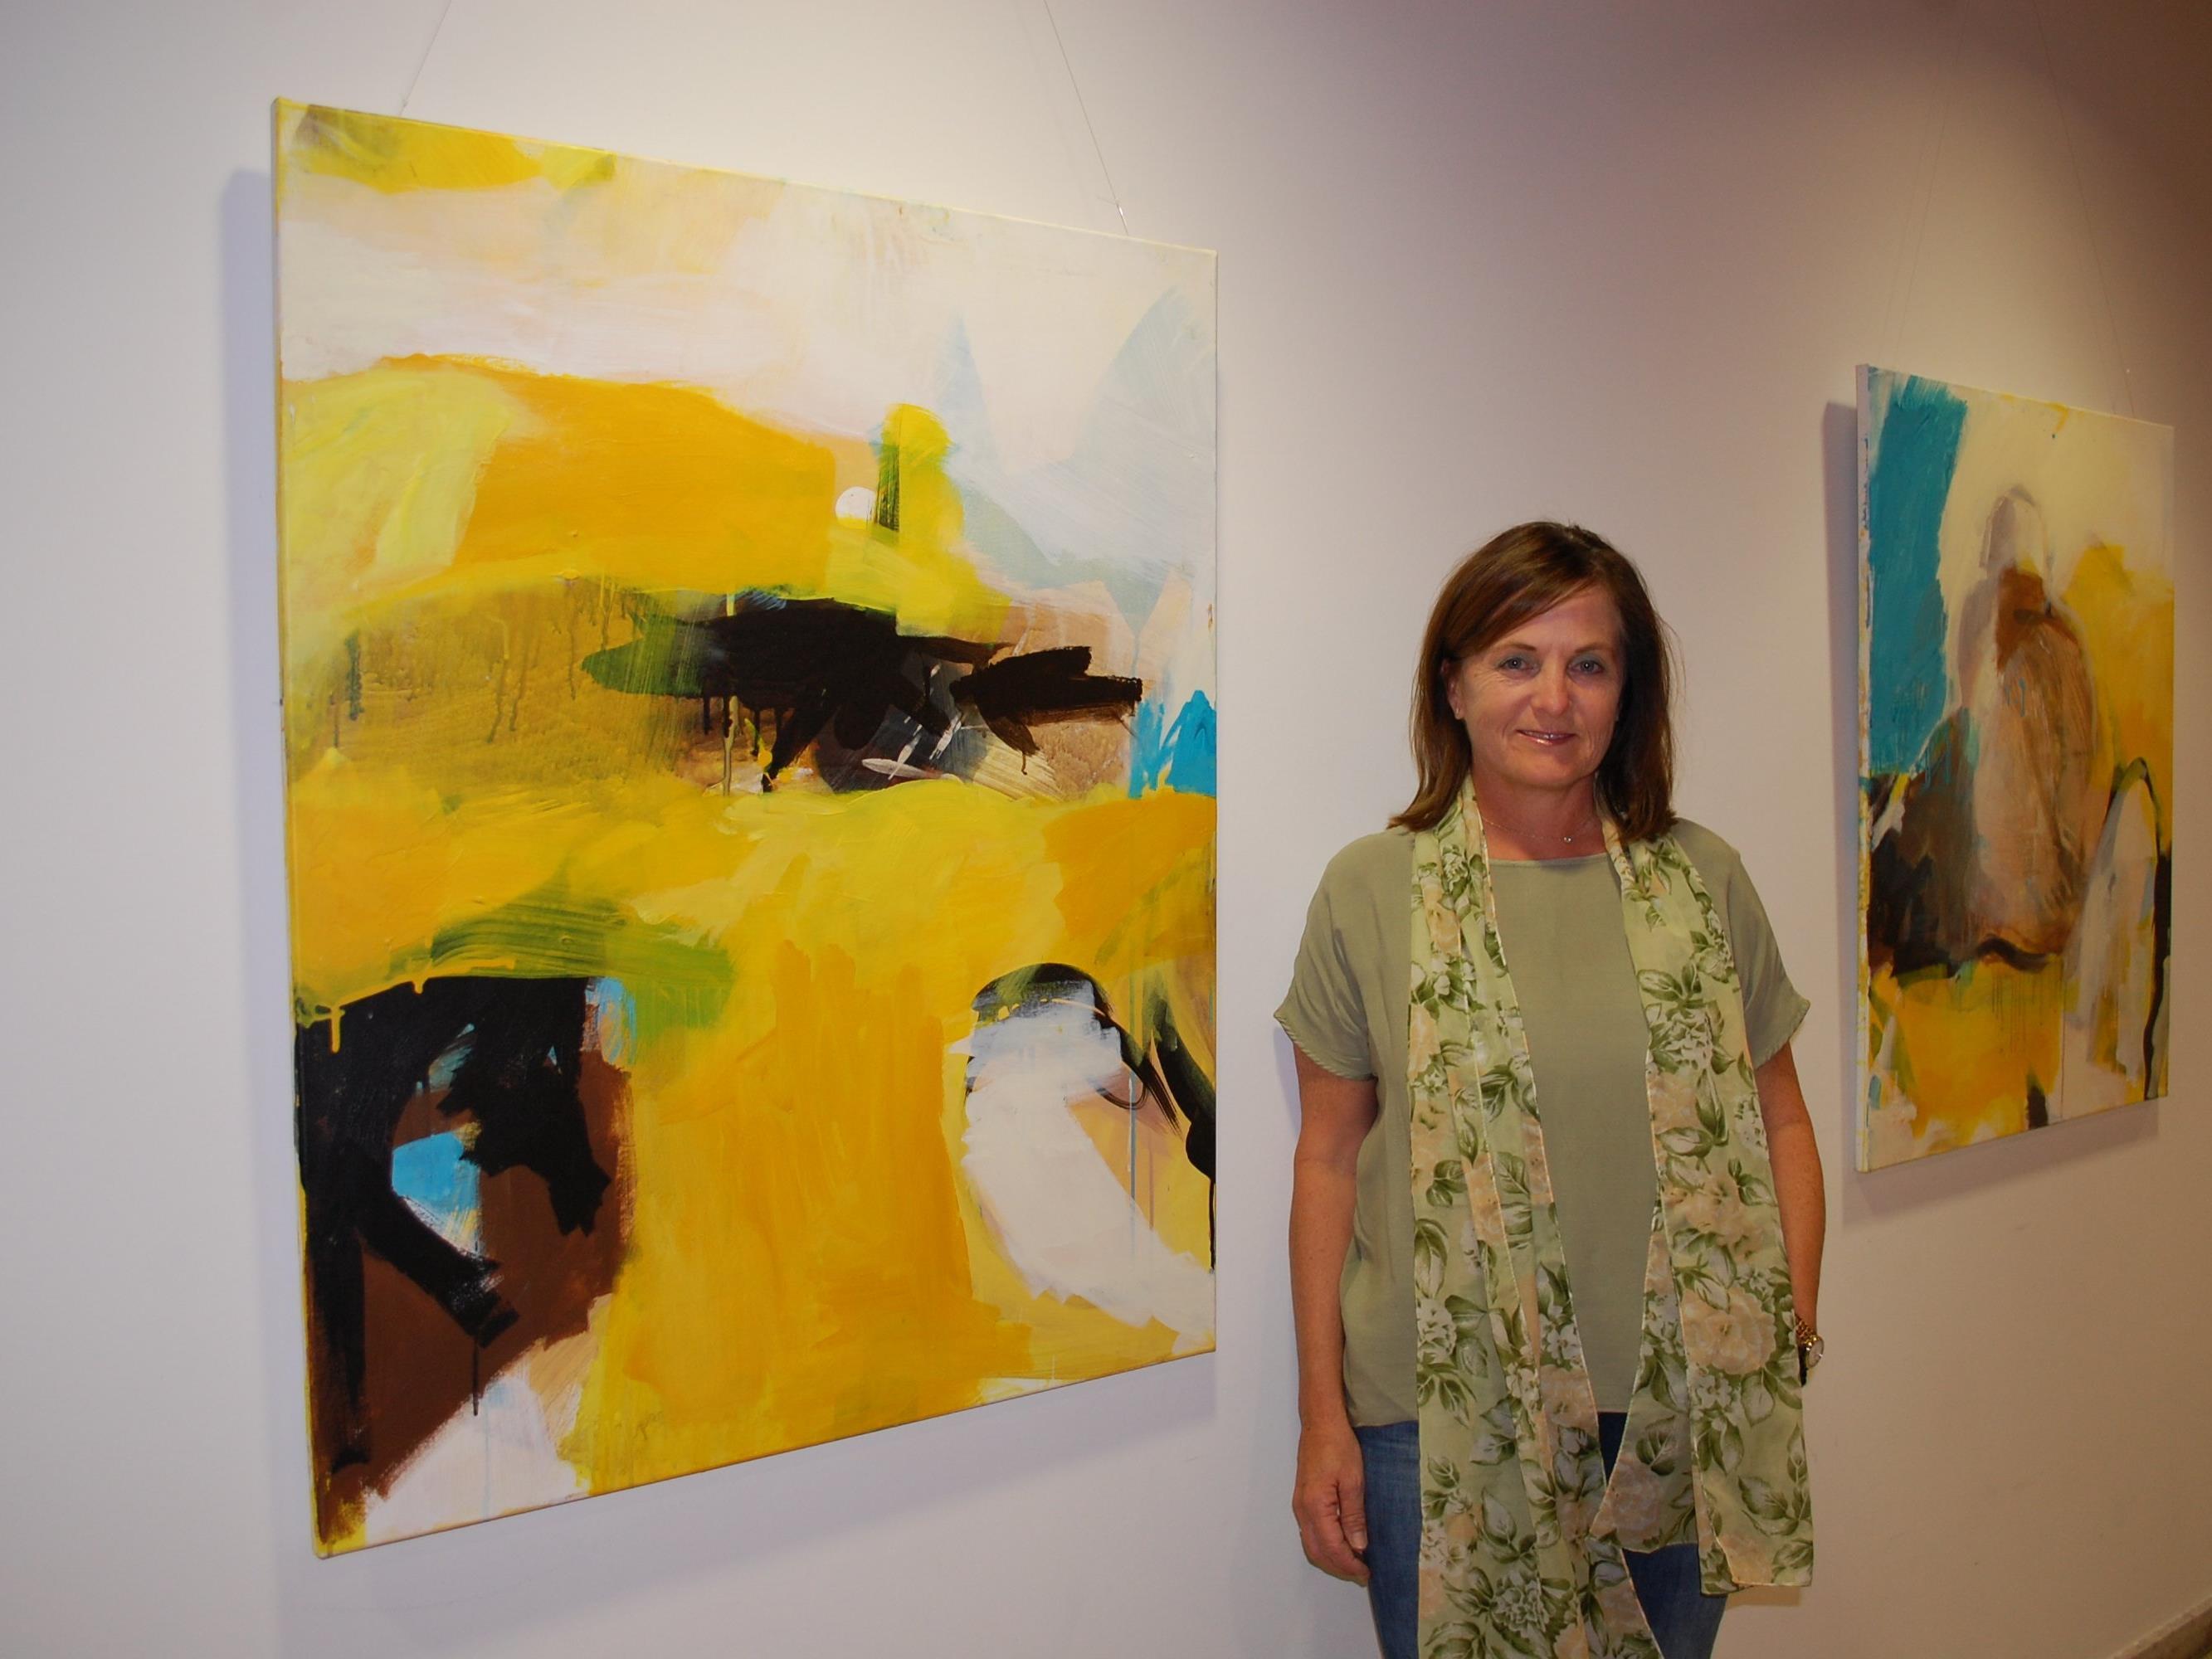 Zahlreiche heimische Künstler stellten ihre Werke einem breiten Publikum vor.